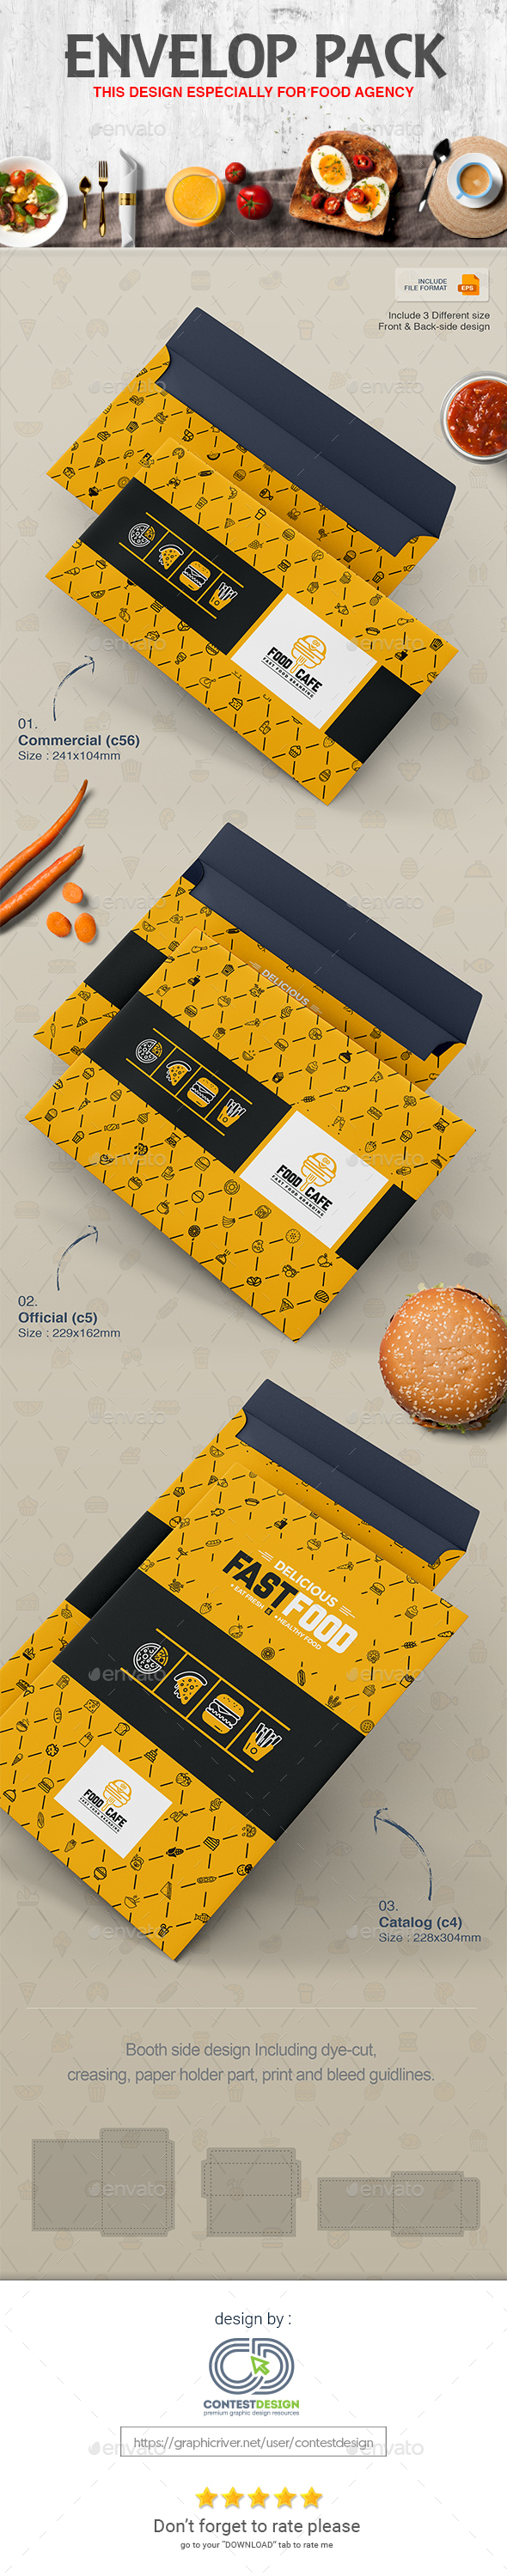 GraphicRiver Envelop Design Pack Template for Fast Food Restaurants Cafe 20350783